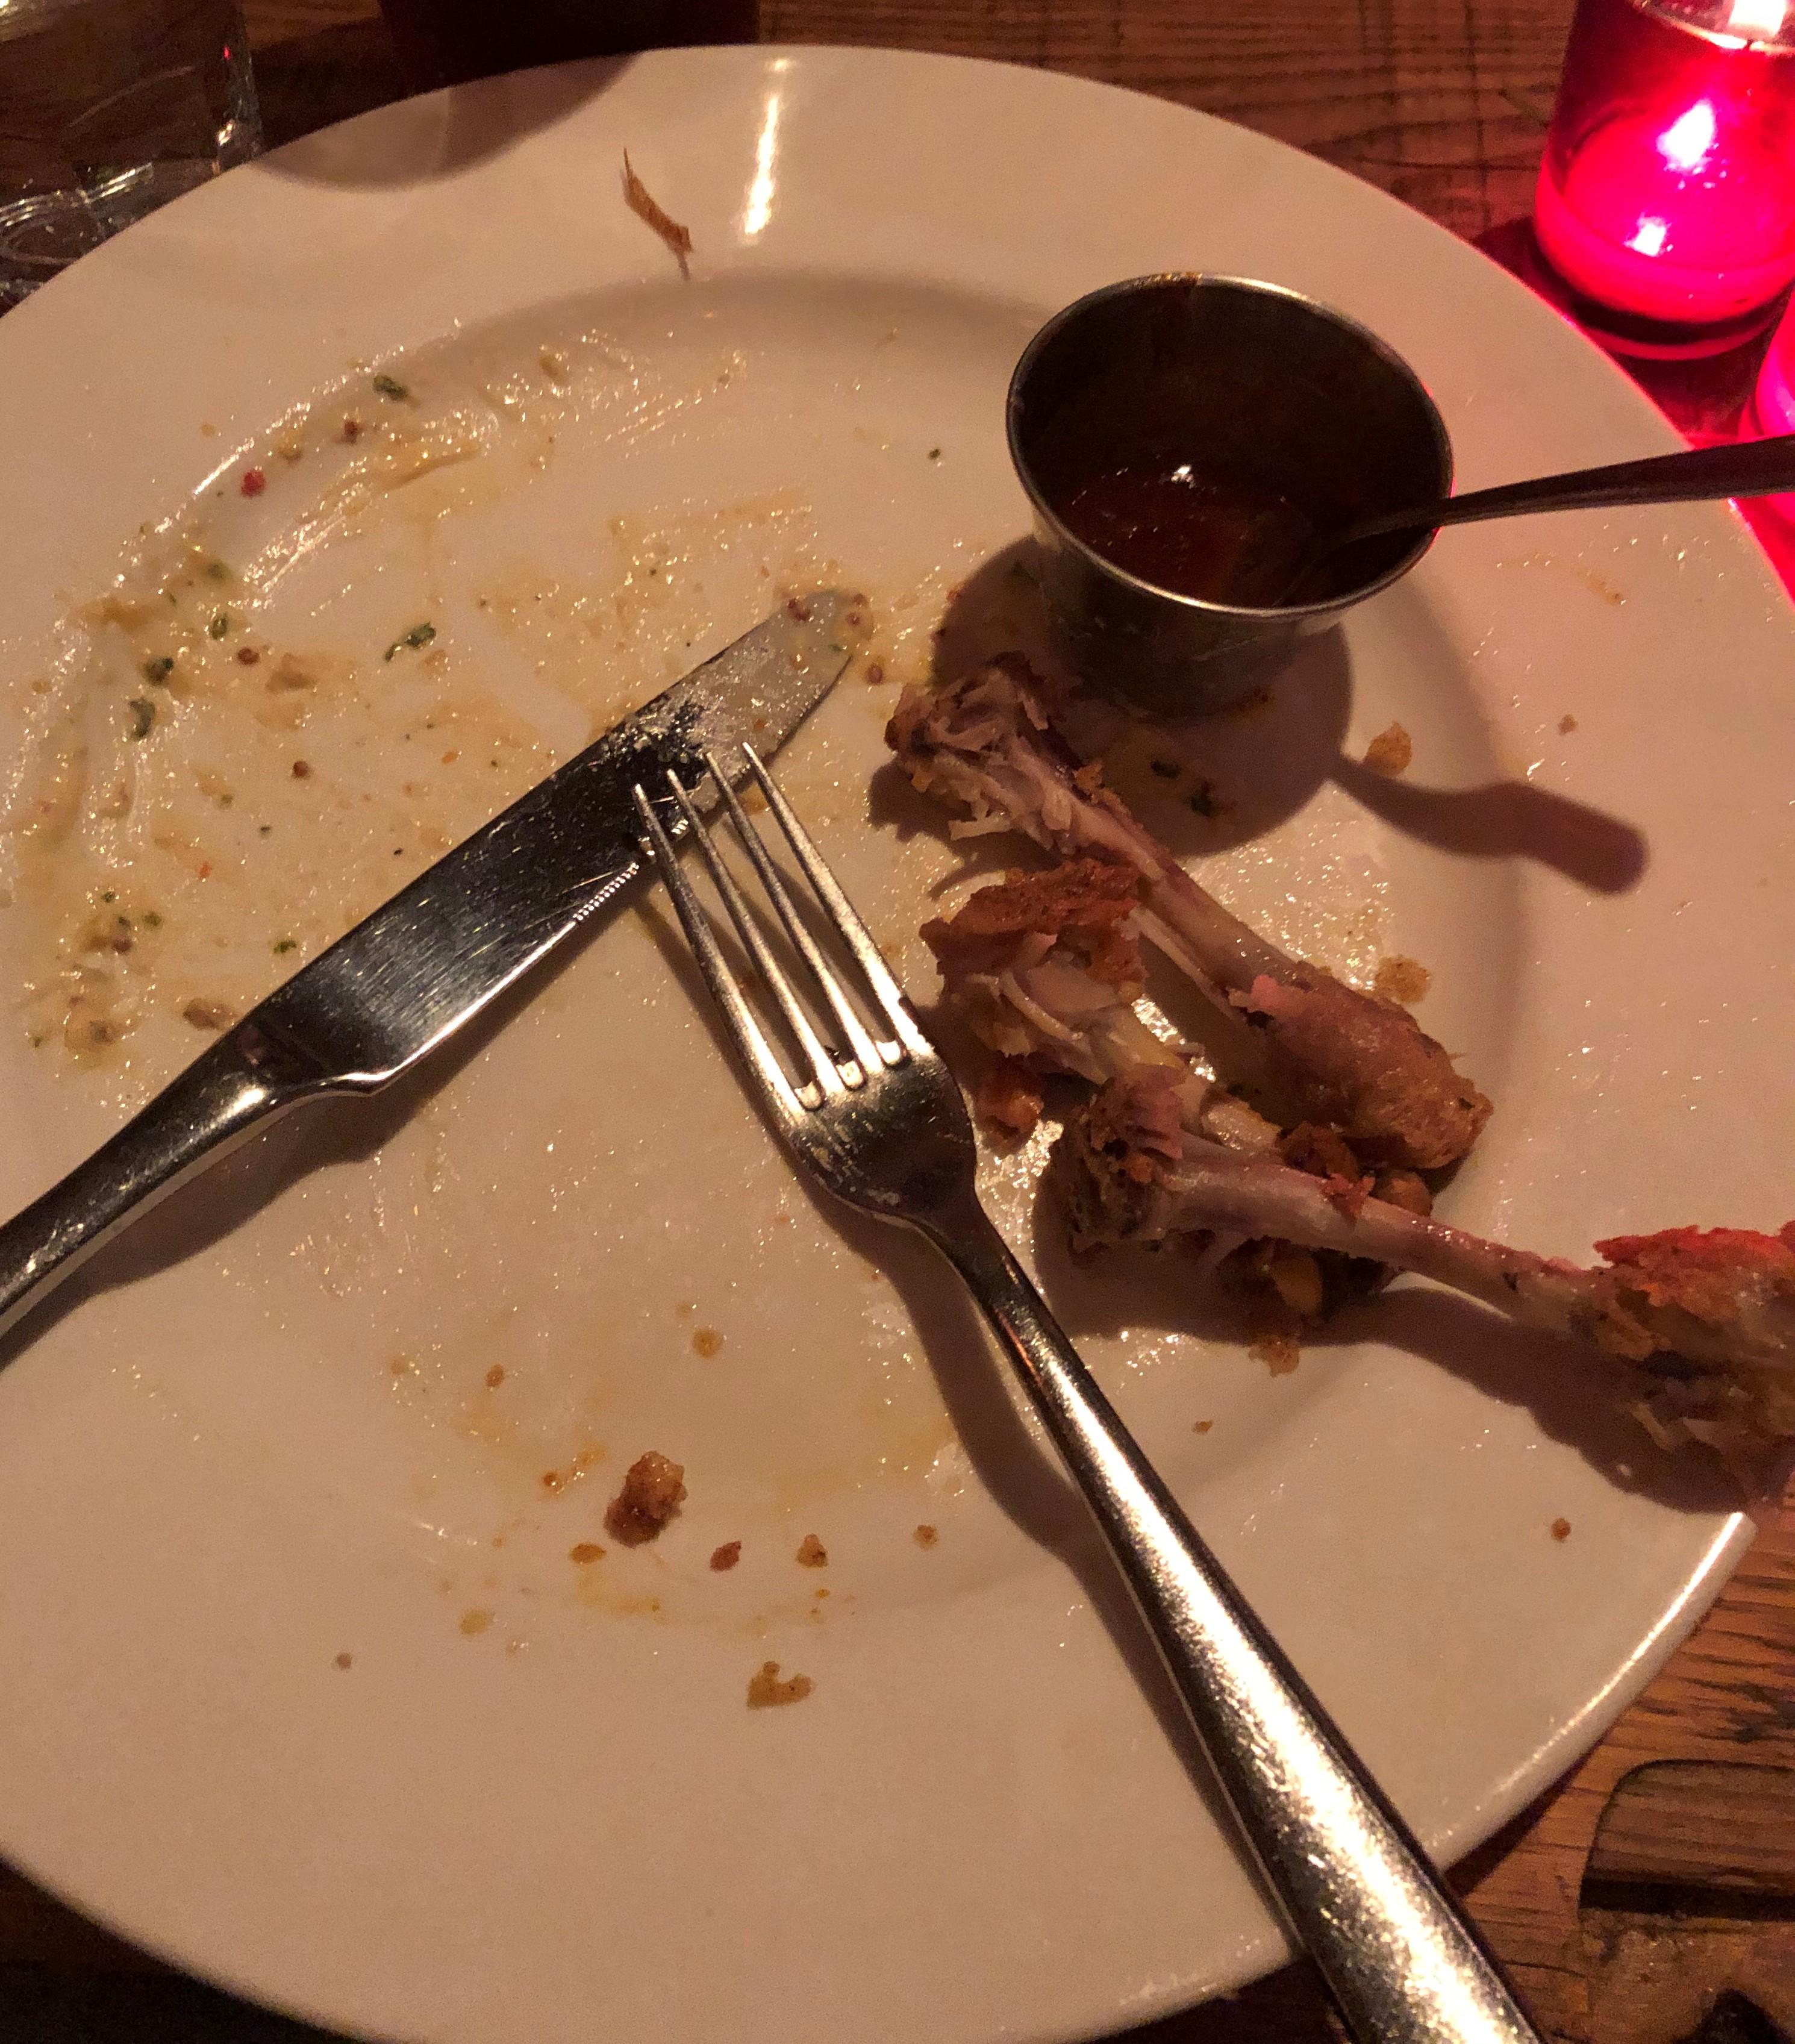 fried_chicken_aftermath